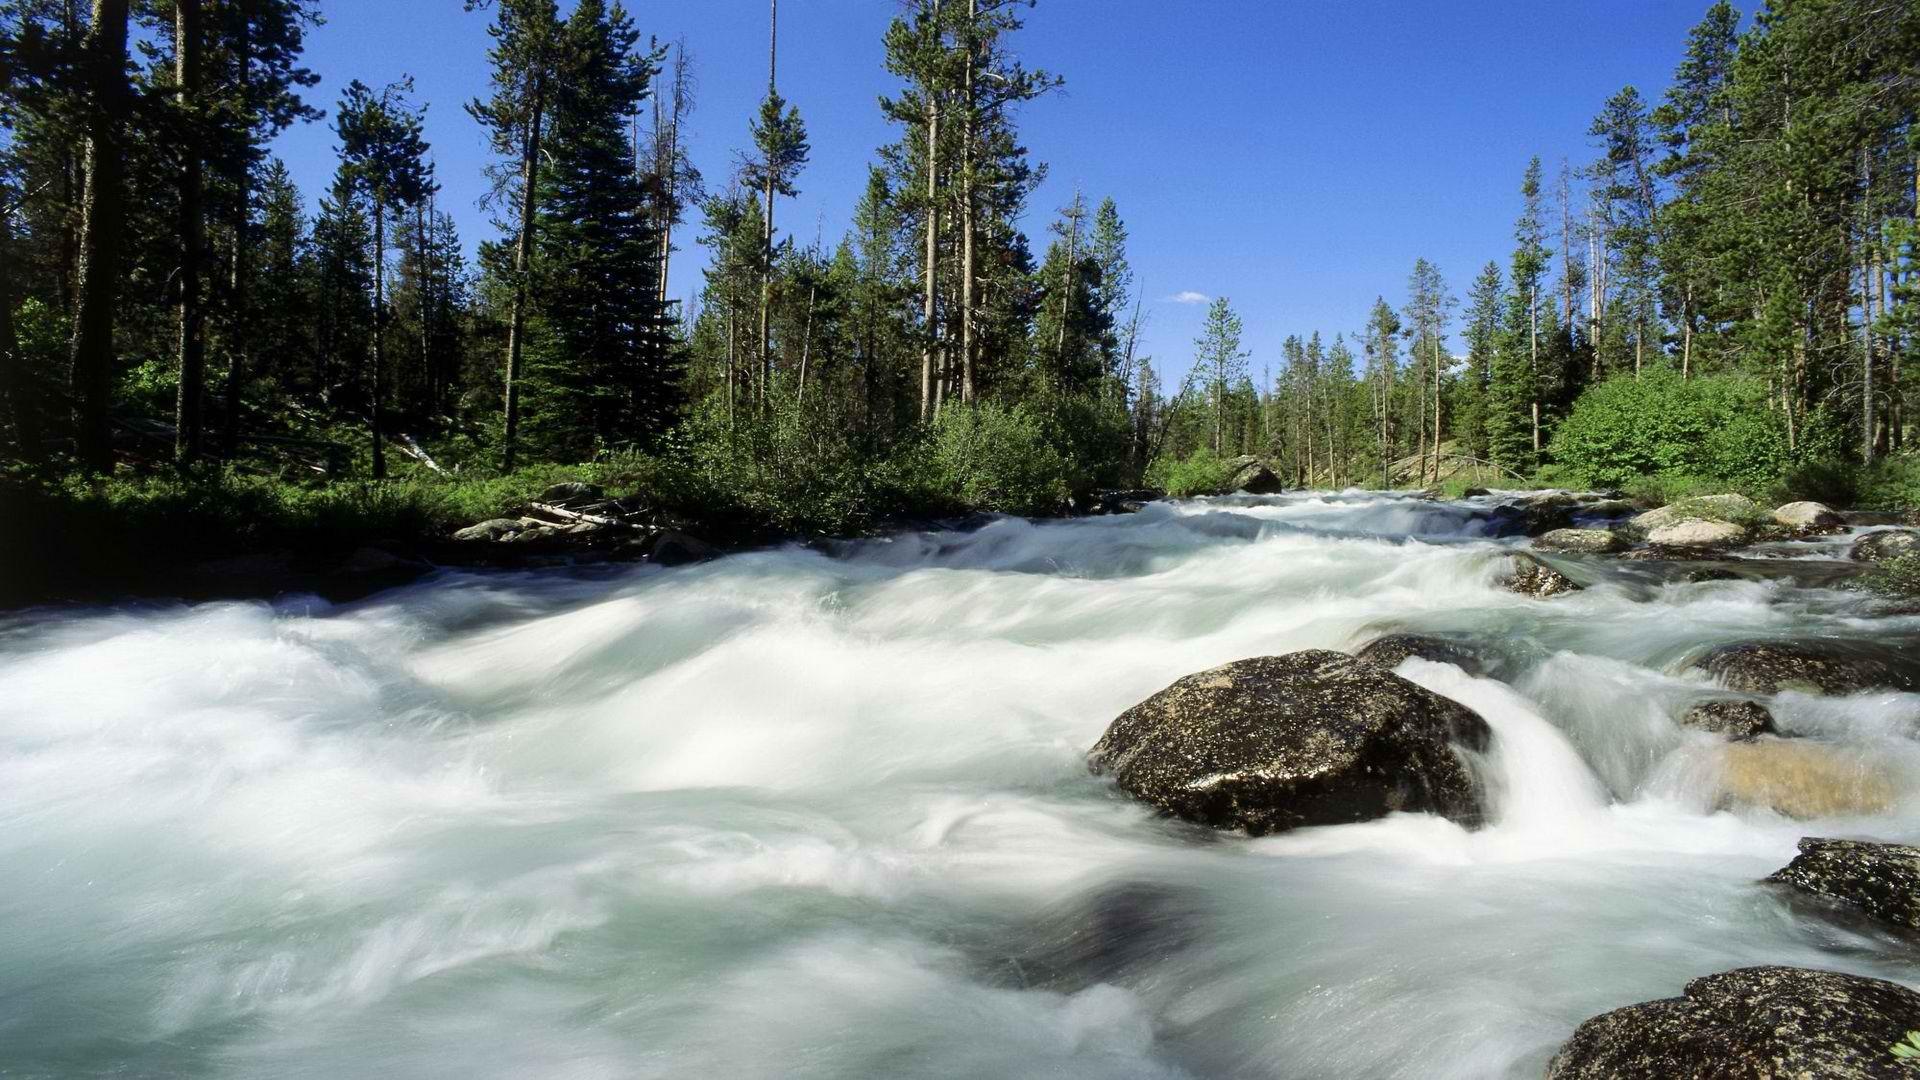 значит железными фото течение реки время времени, чтобы